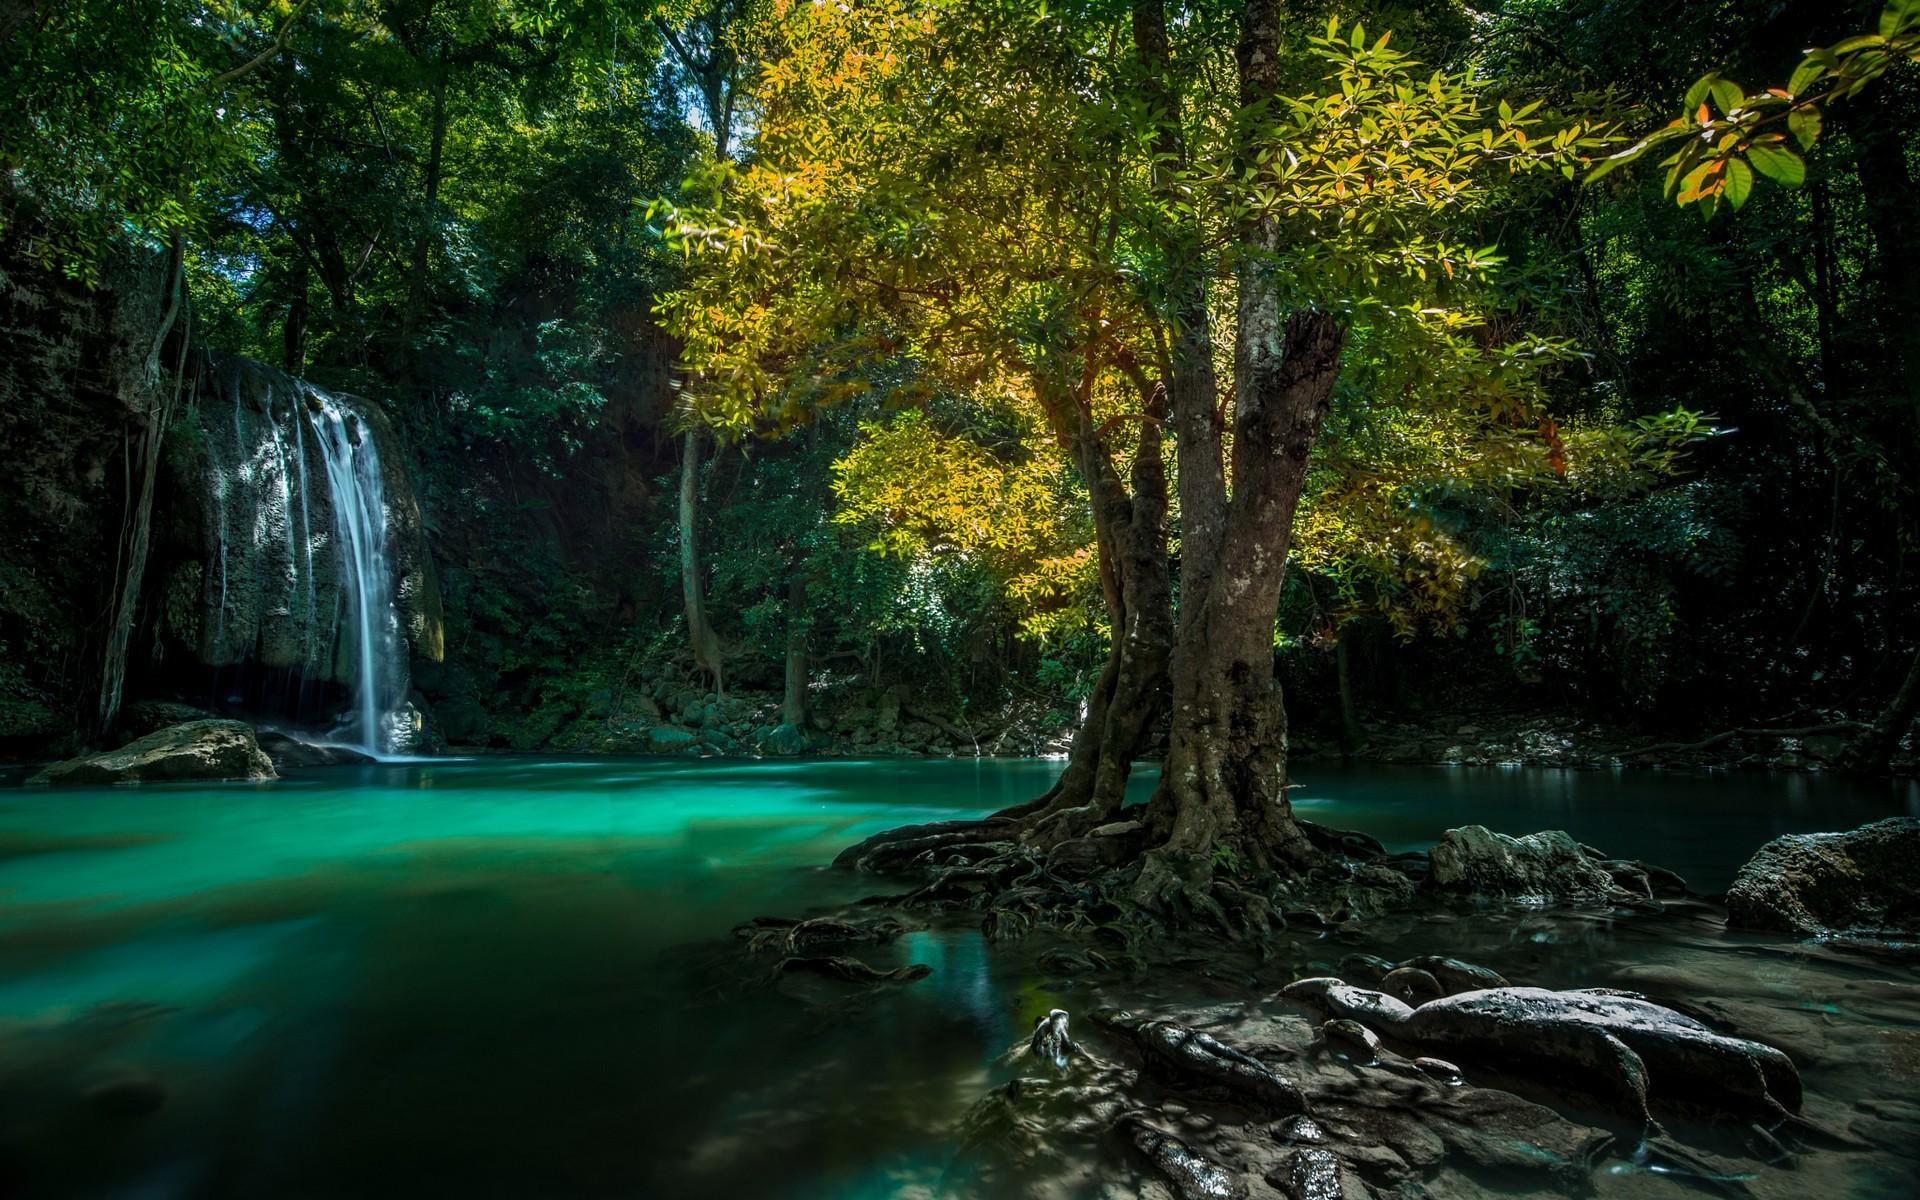 обслуживание картинка дерево с водопадом достаточно